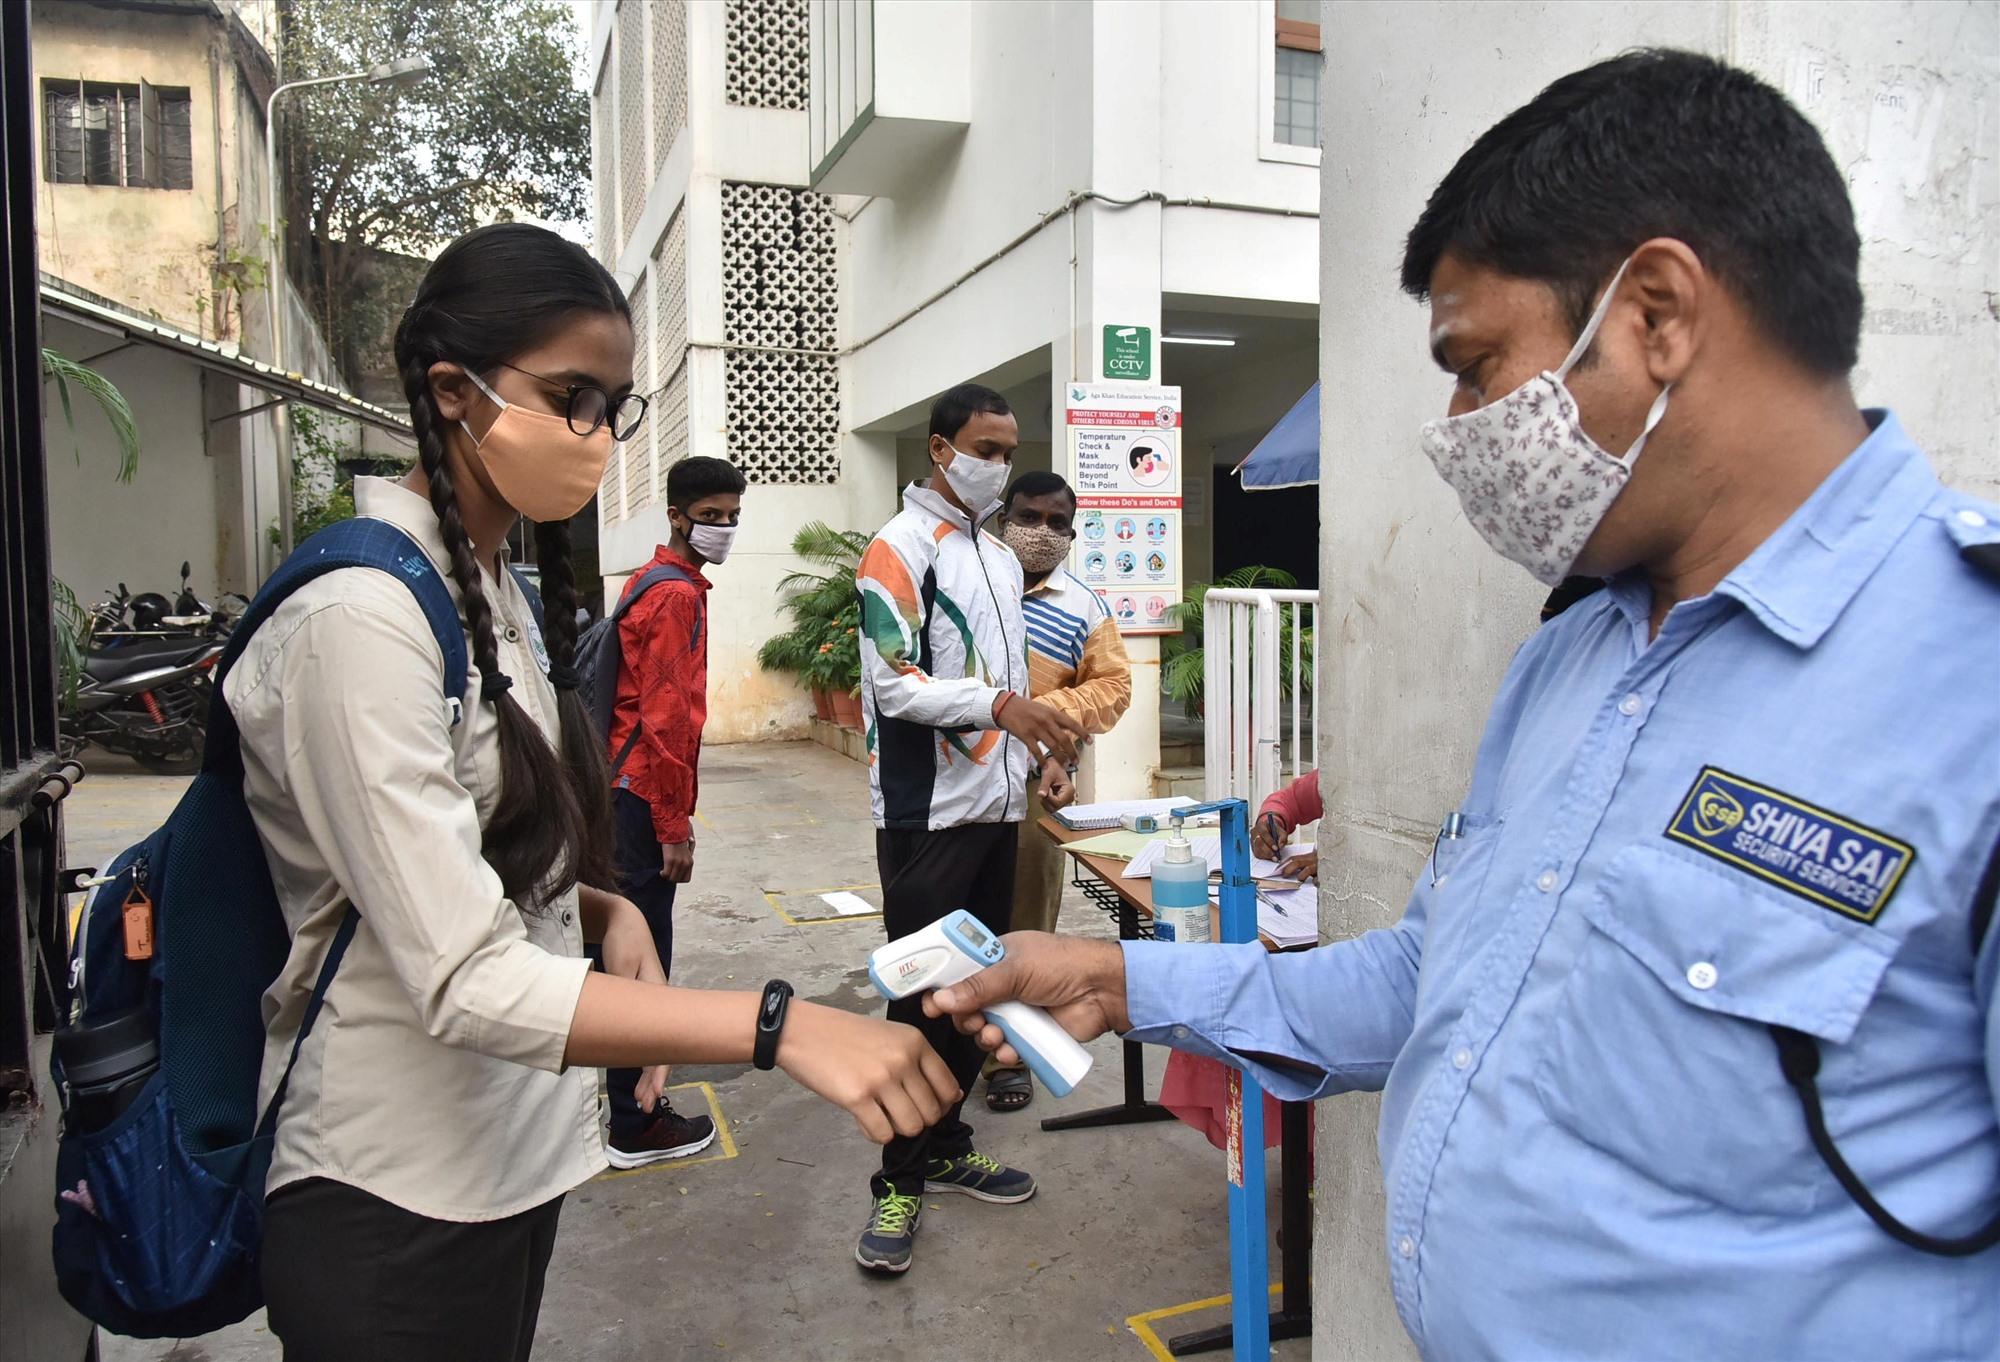 Học sinh Ấn Độ đến trường với các biện pháp ngăn chặn corona mới một cách nghiêm ngặt. Ảnh: Gettyimage